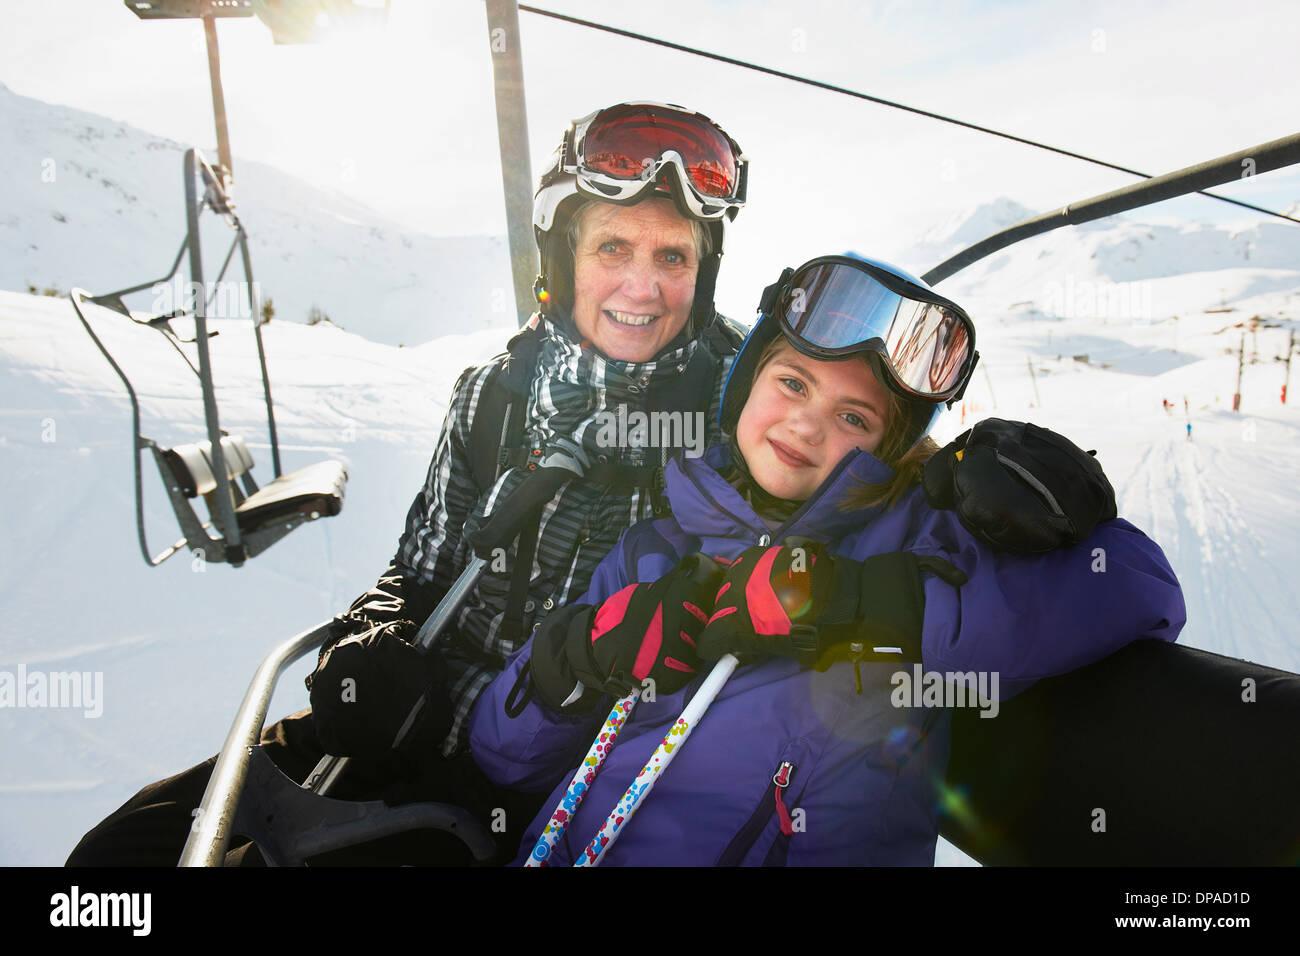 Porträt der Großmutter und Enkelin am Skilift, Les Arcs, Haute-Savoie, Frankreich Stockbild